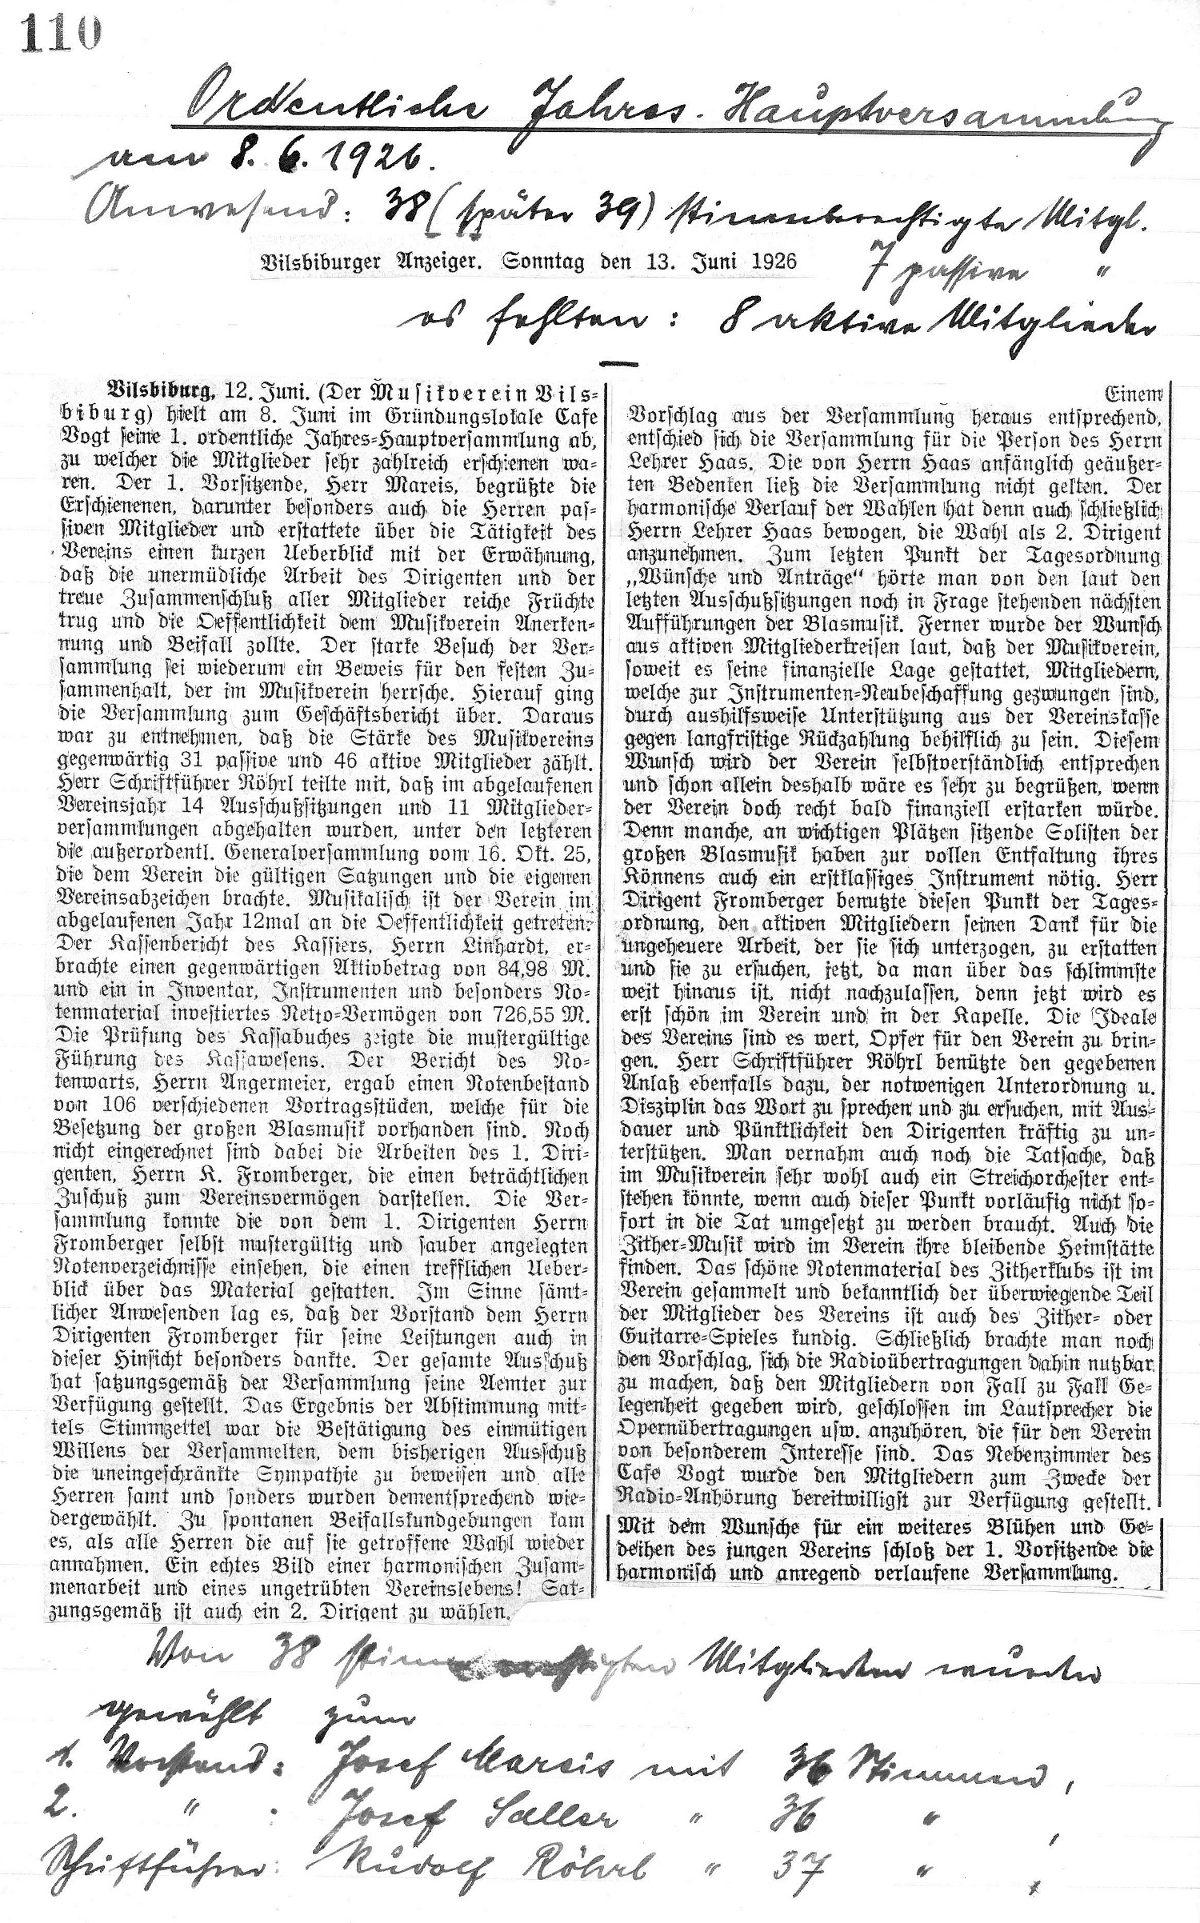 1926-06-13_Zeitungsbericht / Protokoll der Jahres-Generalversammlung ...